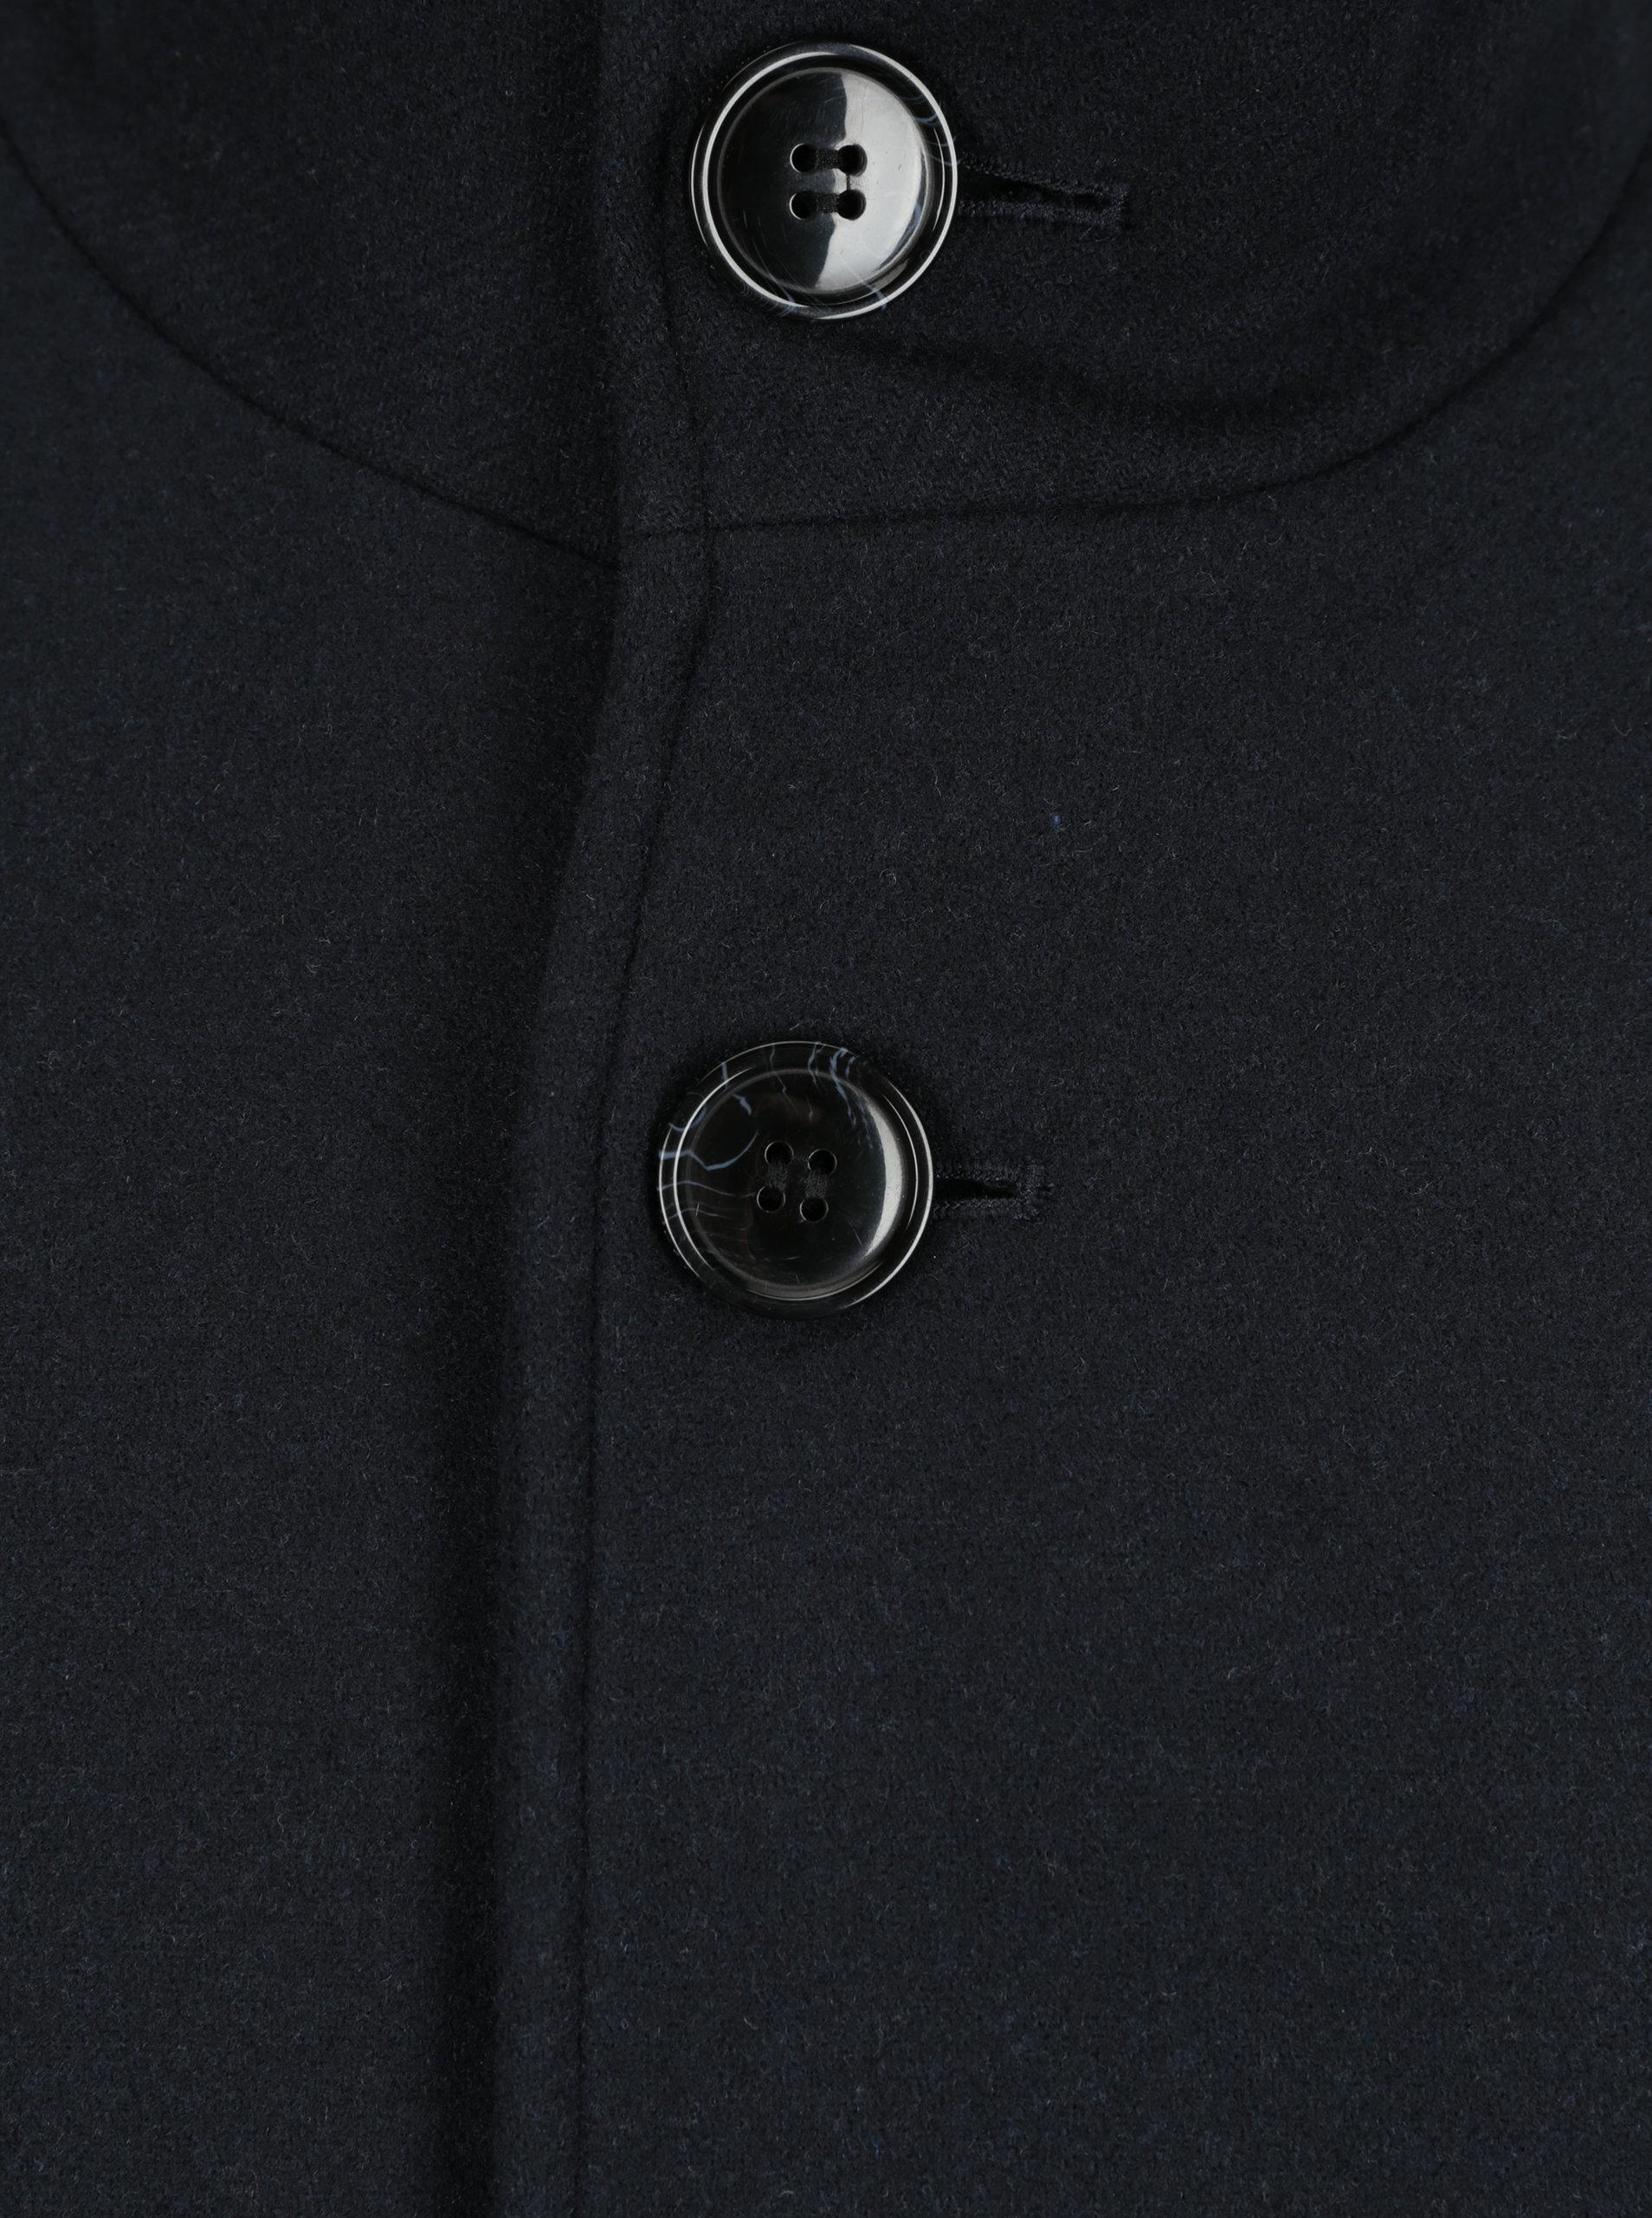 Tmavomodrý kabát s prímesou vlny Selected Homme Mosto ... b8ae62350b3